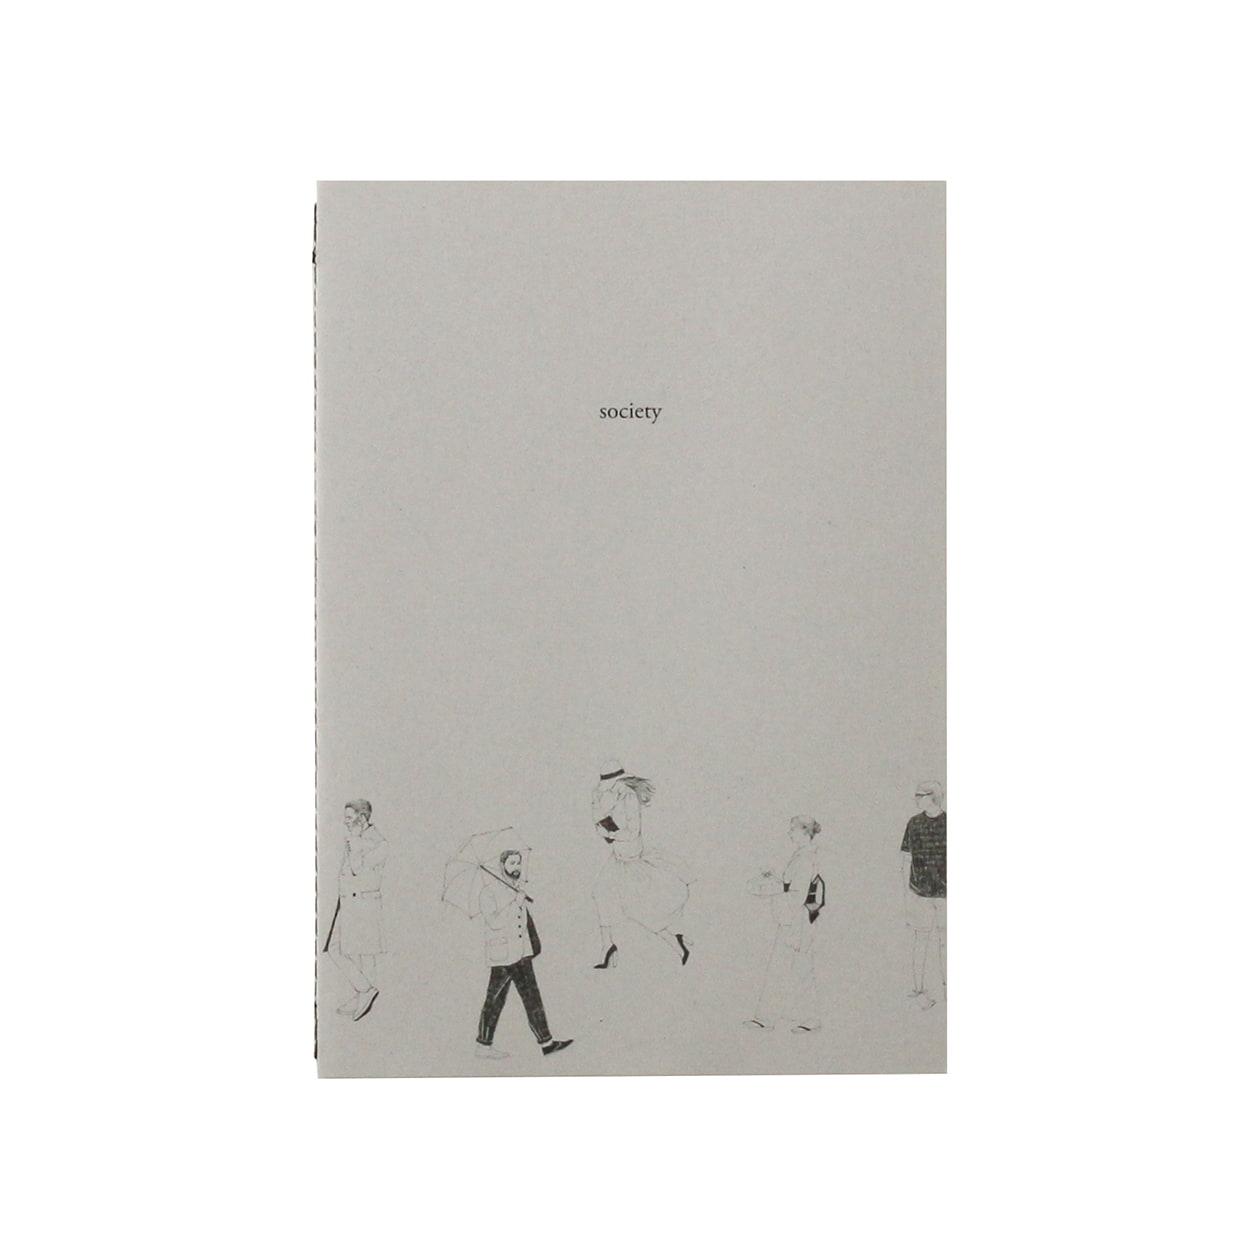 サンプル 冊子 00002